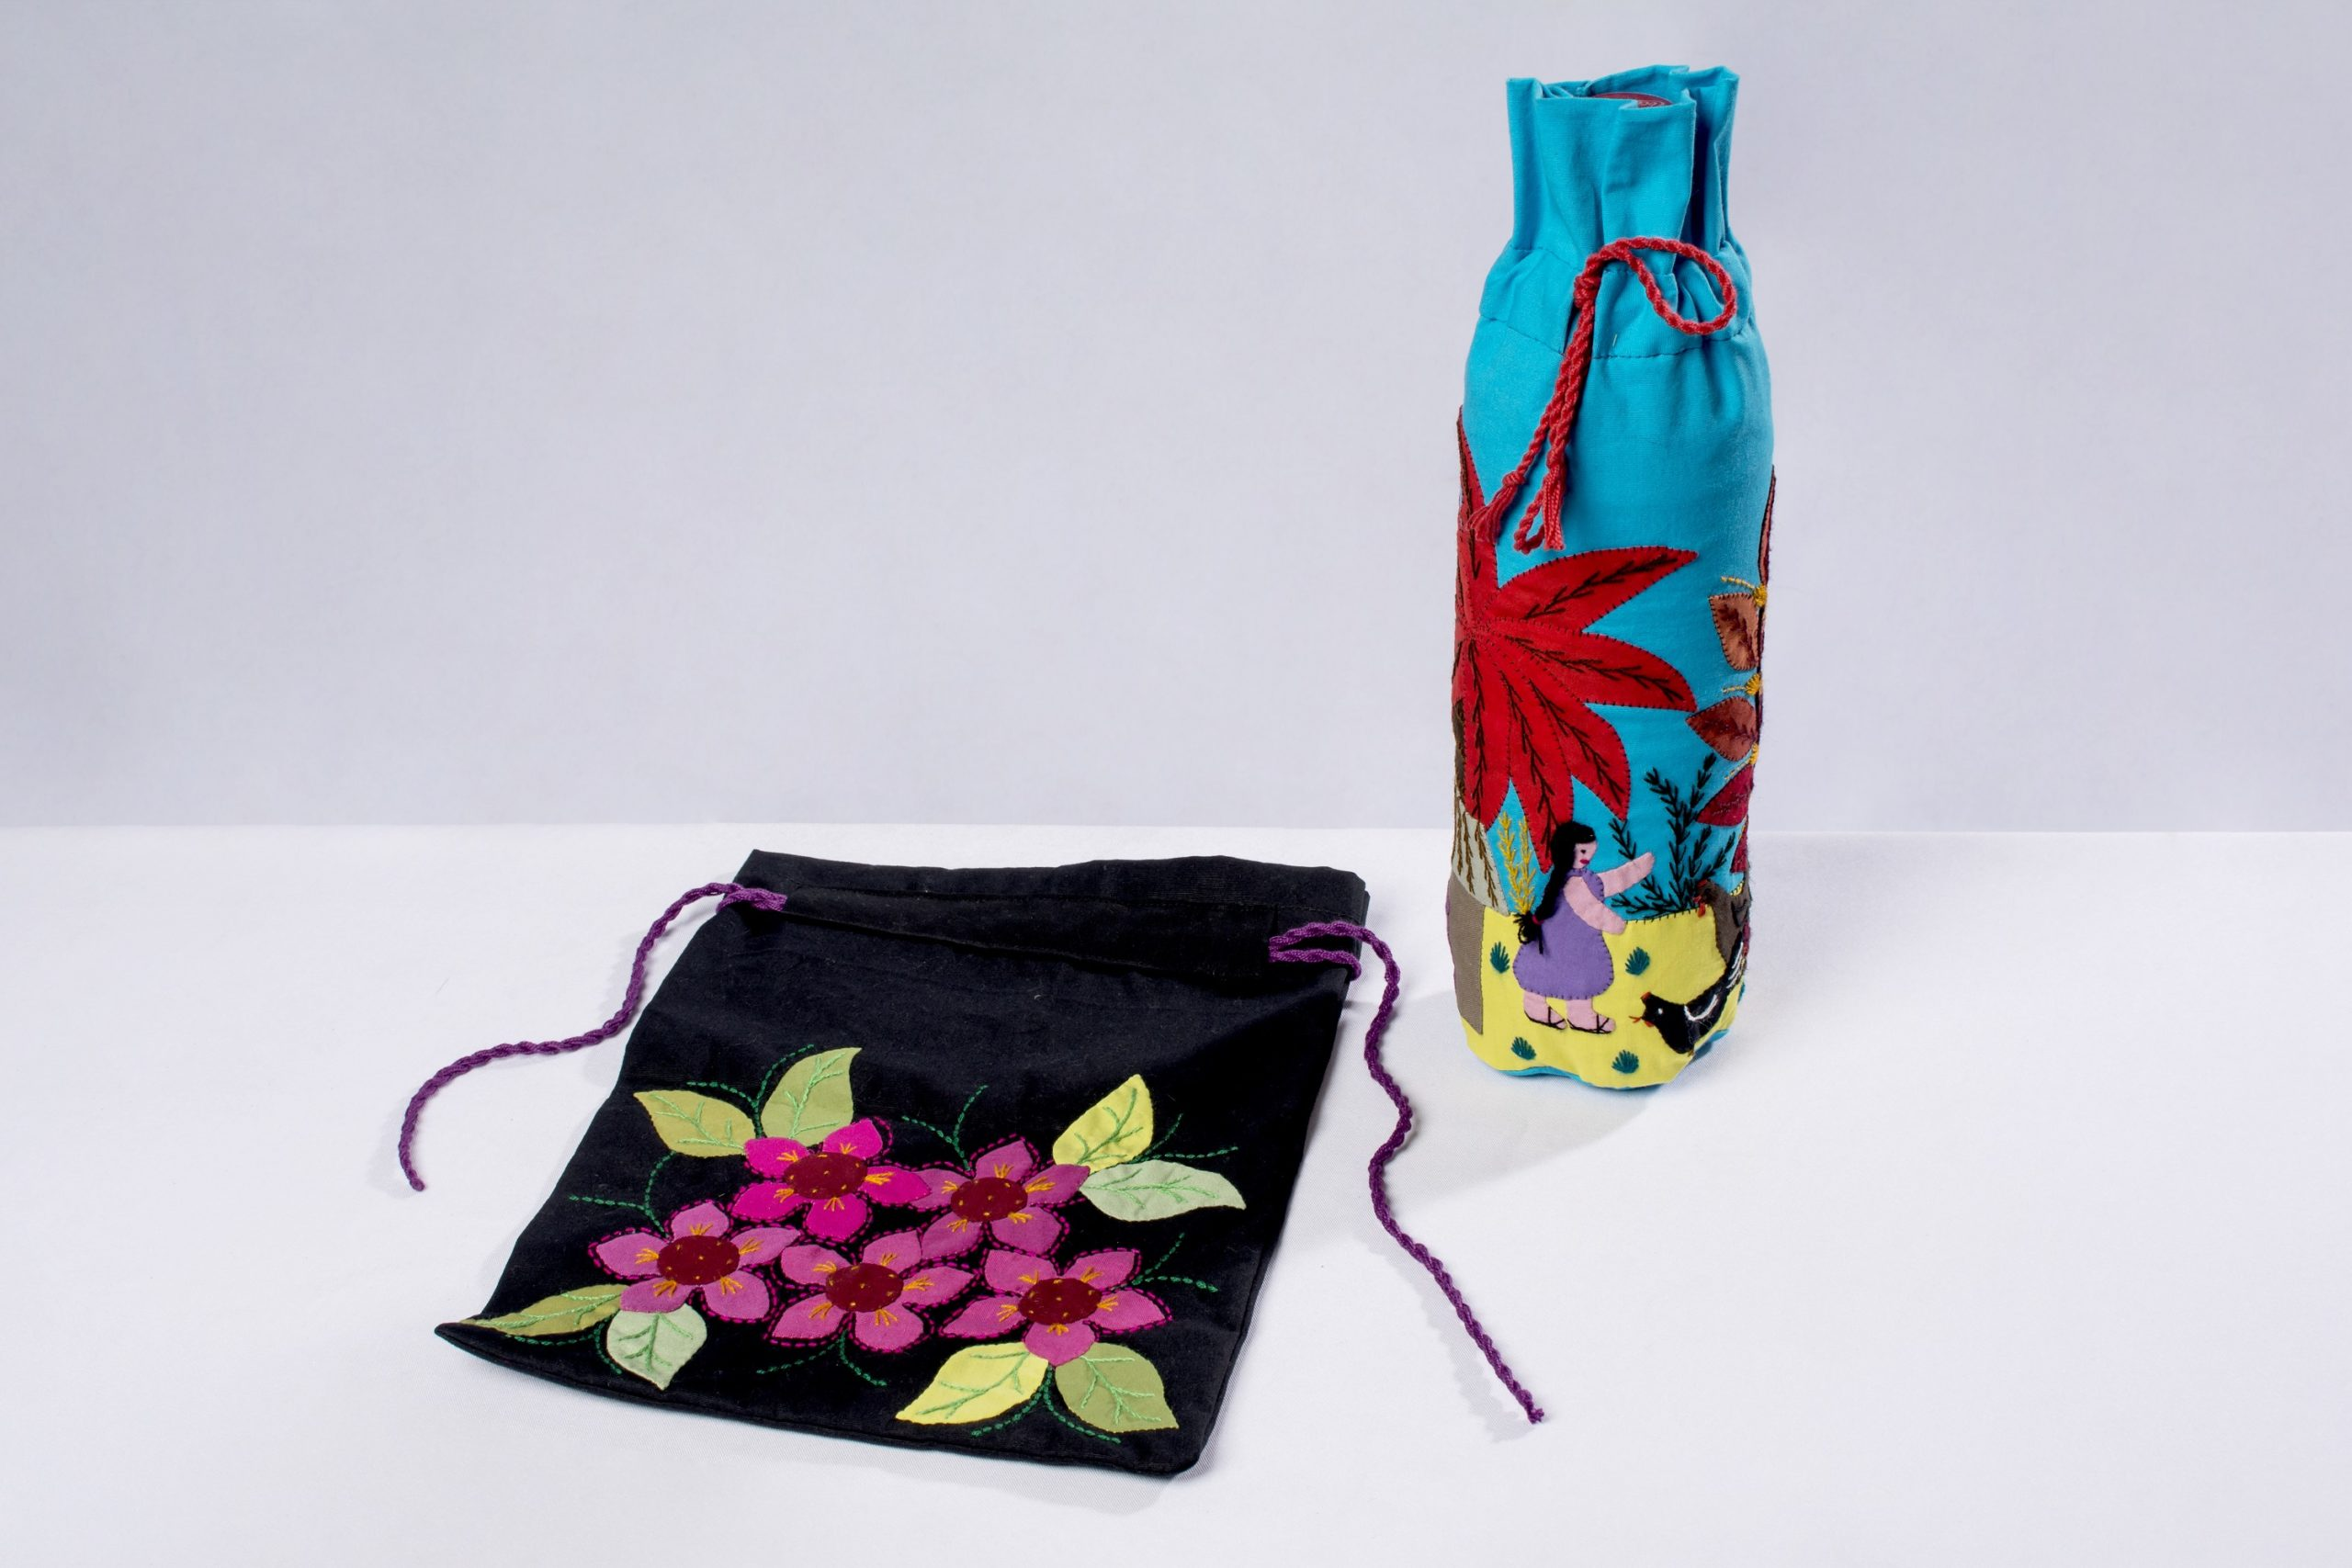 Bolsa con aplicaciones y porta botella (remendado y bordado con diseños de origen Chiquitano).Material: Drill, papelina y nansú.